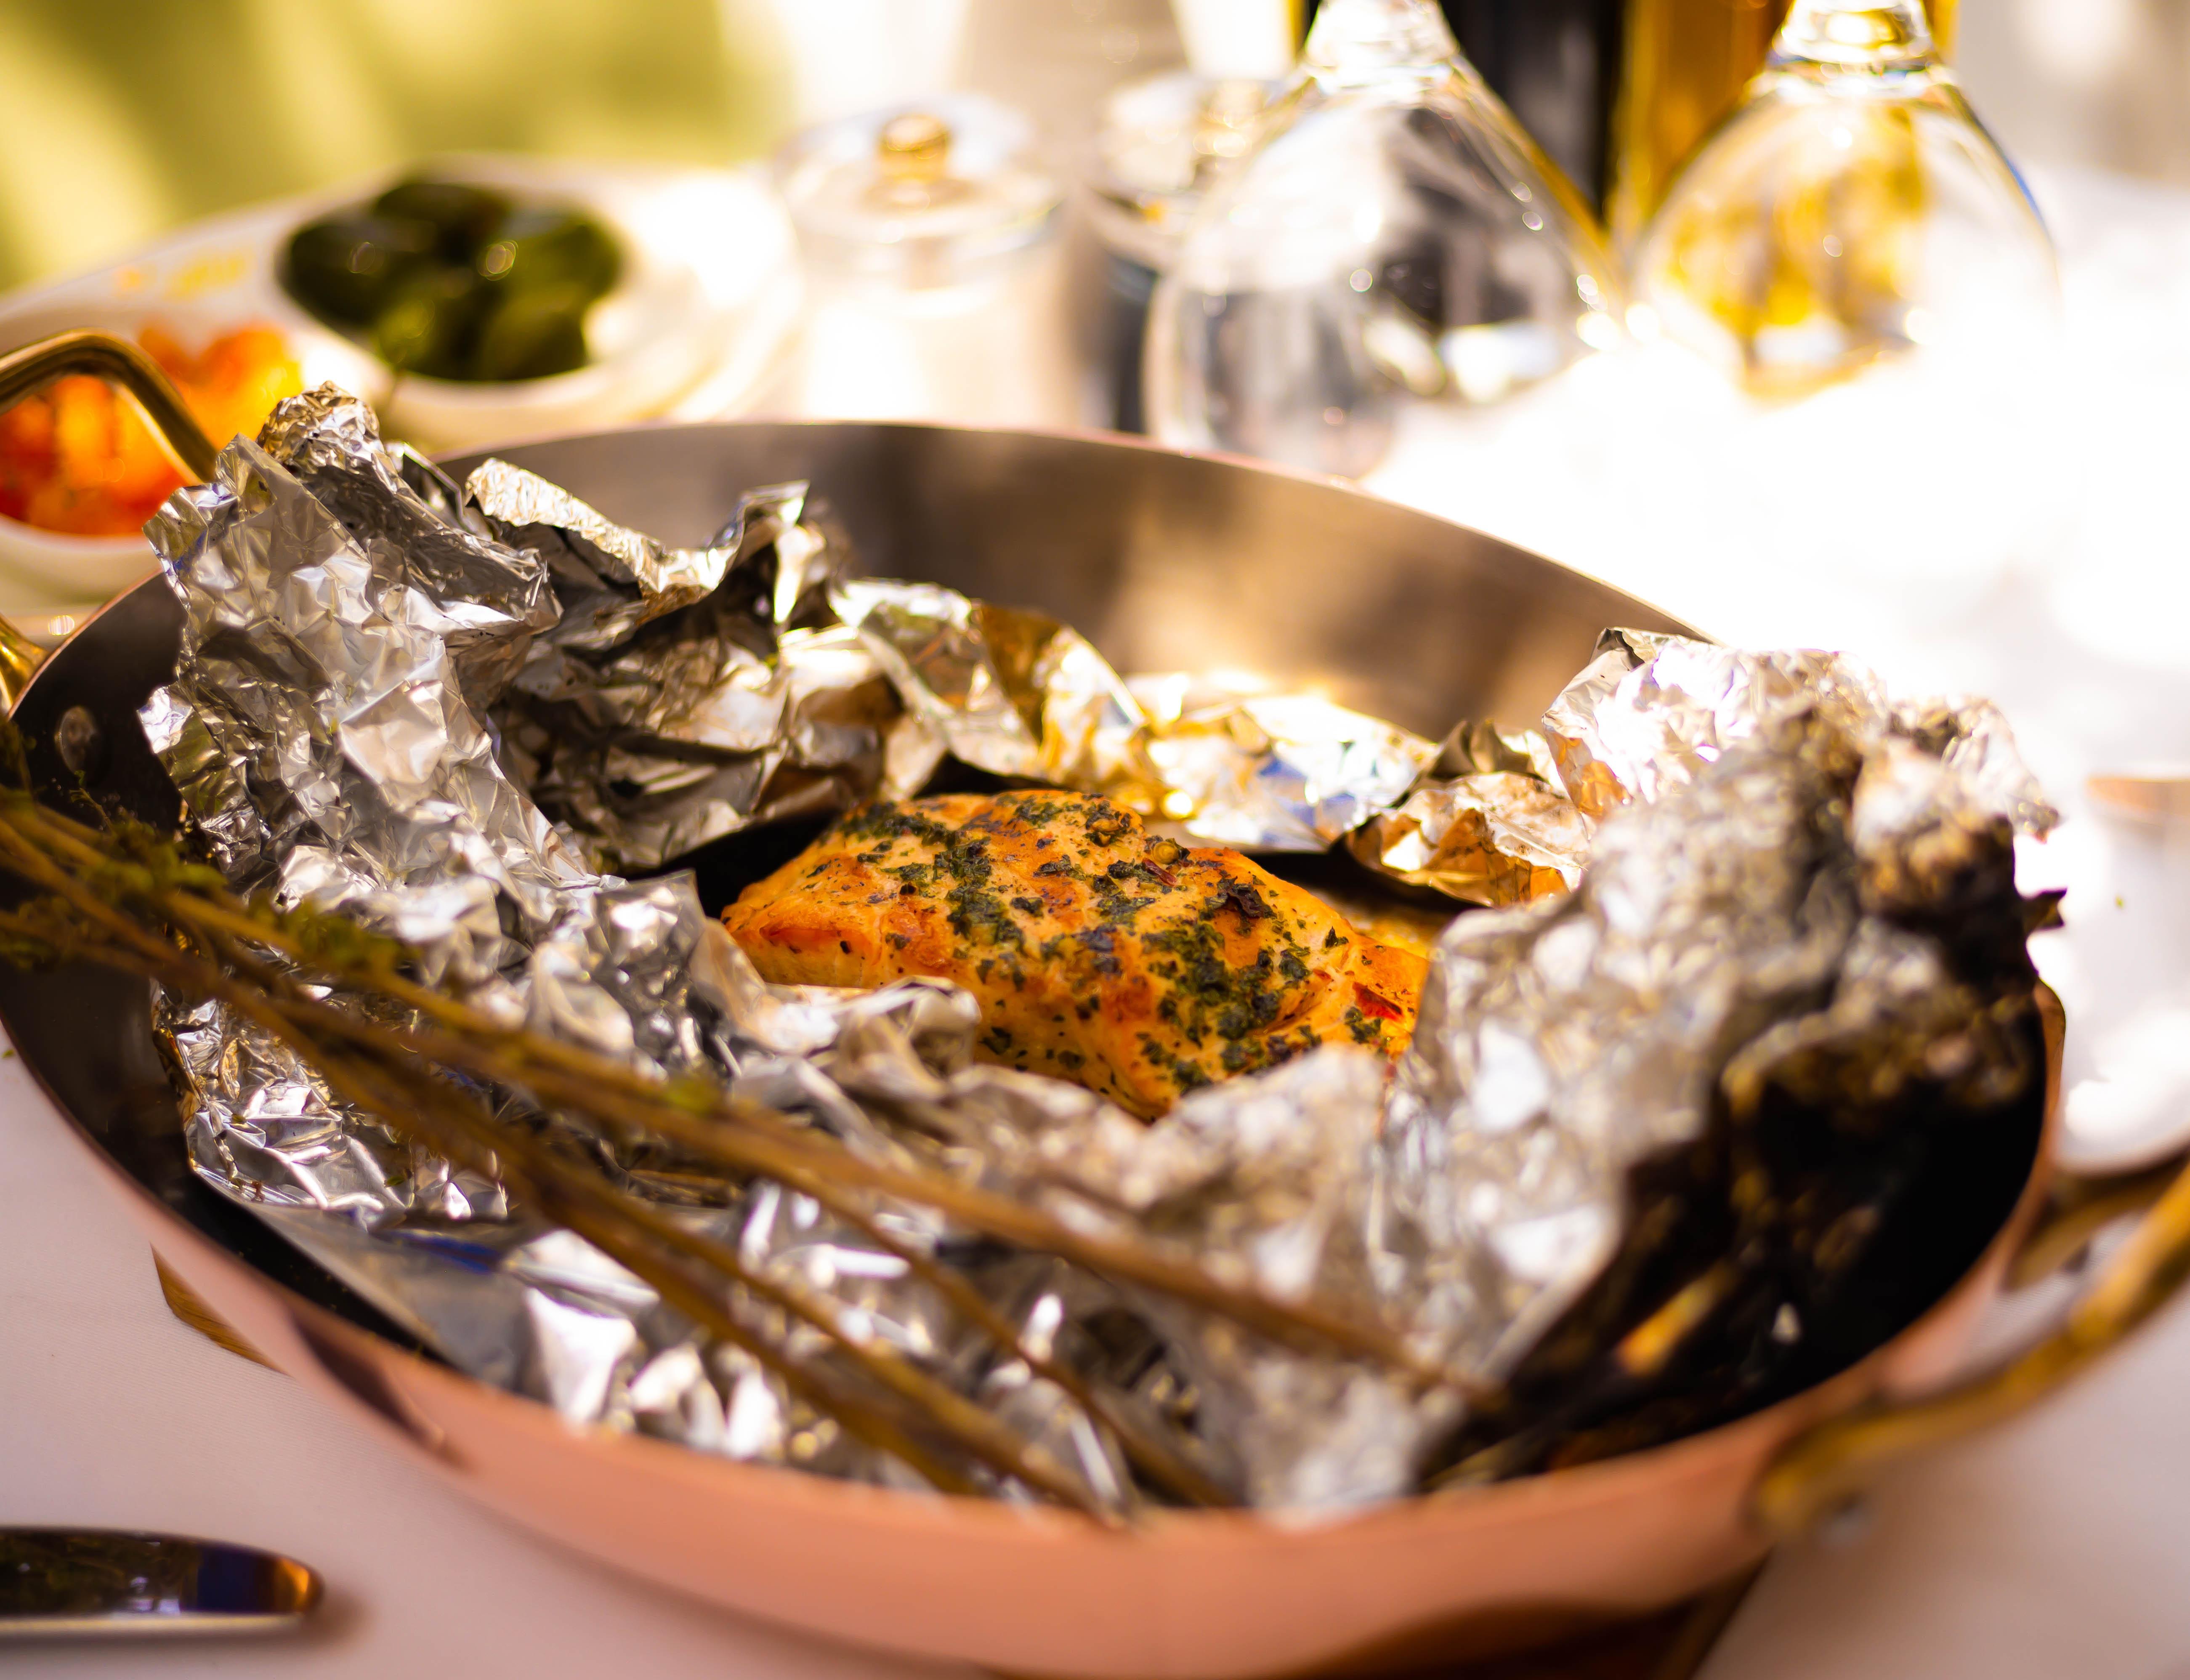 مطعم سكاليني يحتفل بشهر رمضان الفضيل مع قائمة طعام خاصة